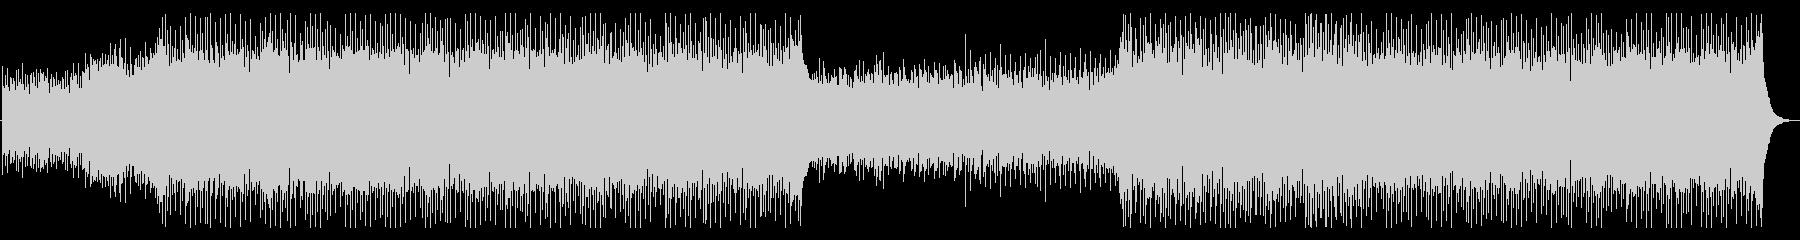 コーポレートミュージック2の未再生の波形